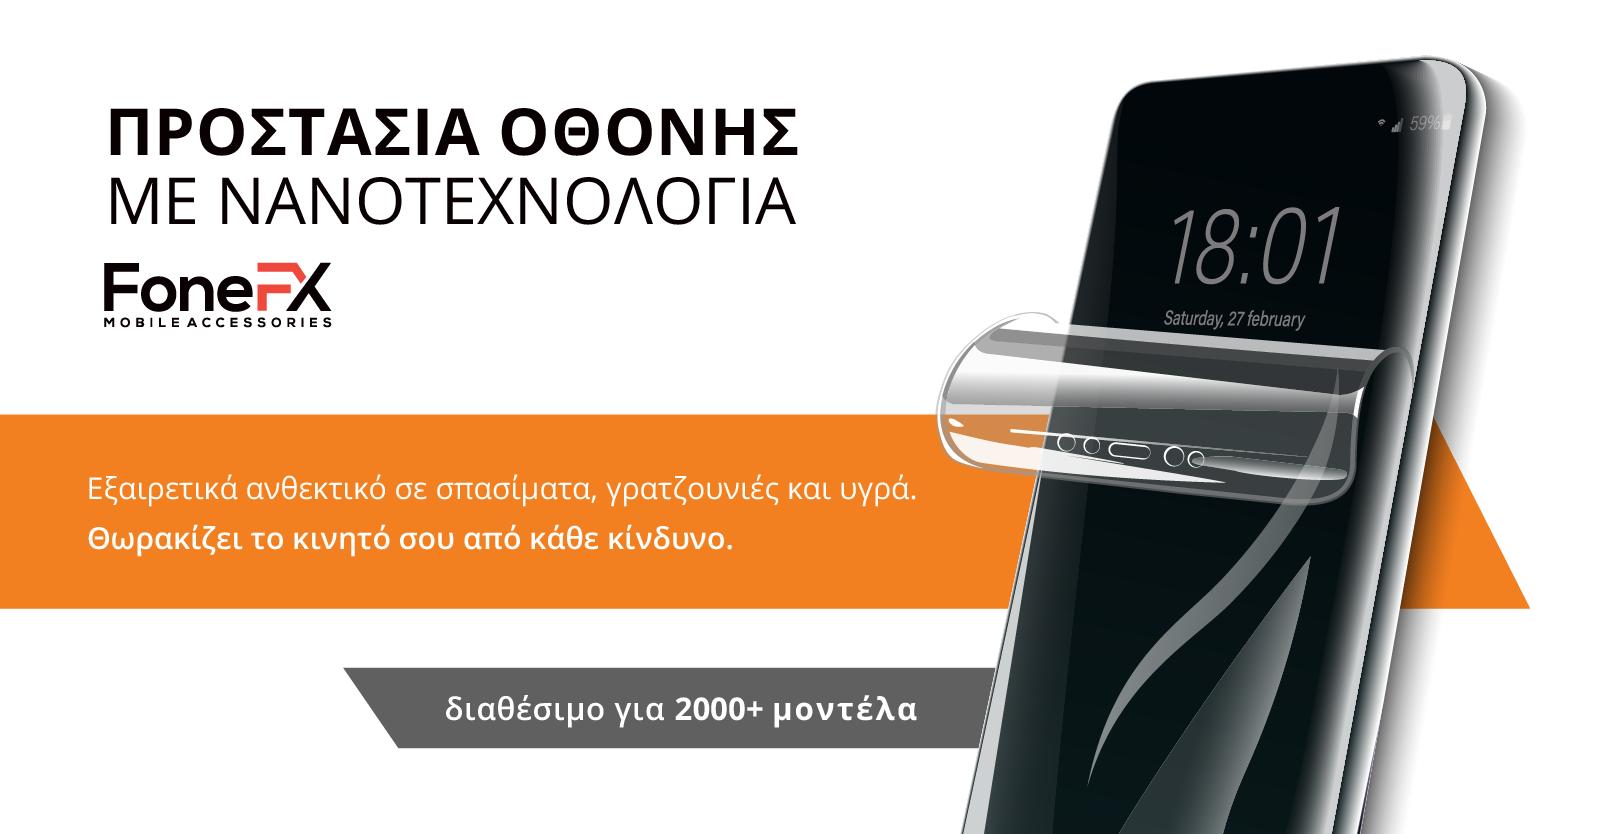 Προστασία οθόνης με νανοτεχνολογία FoneFX